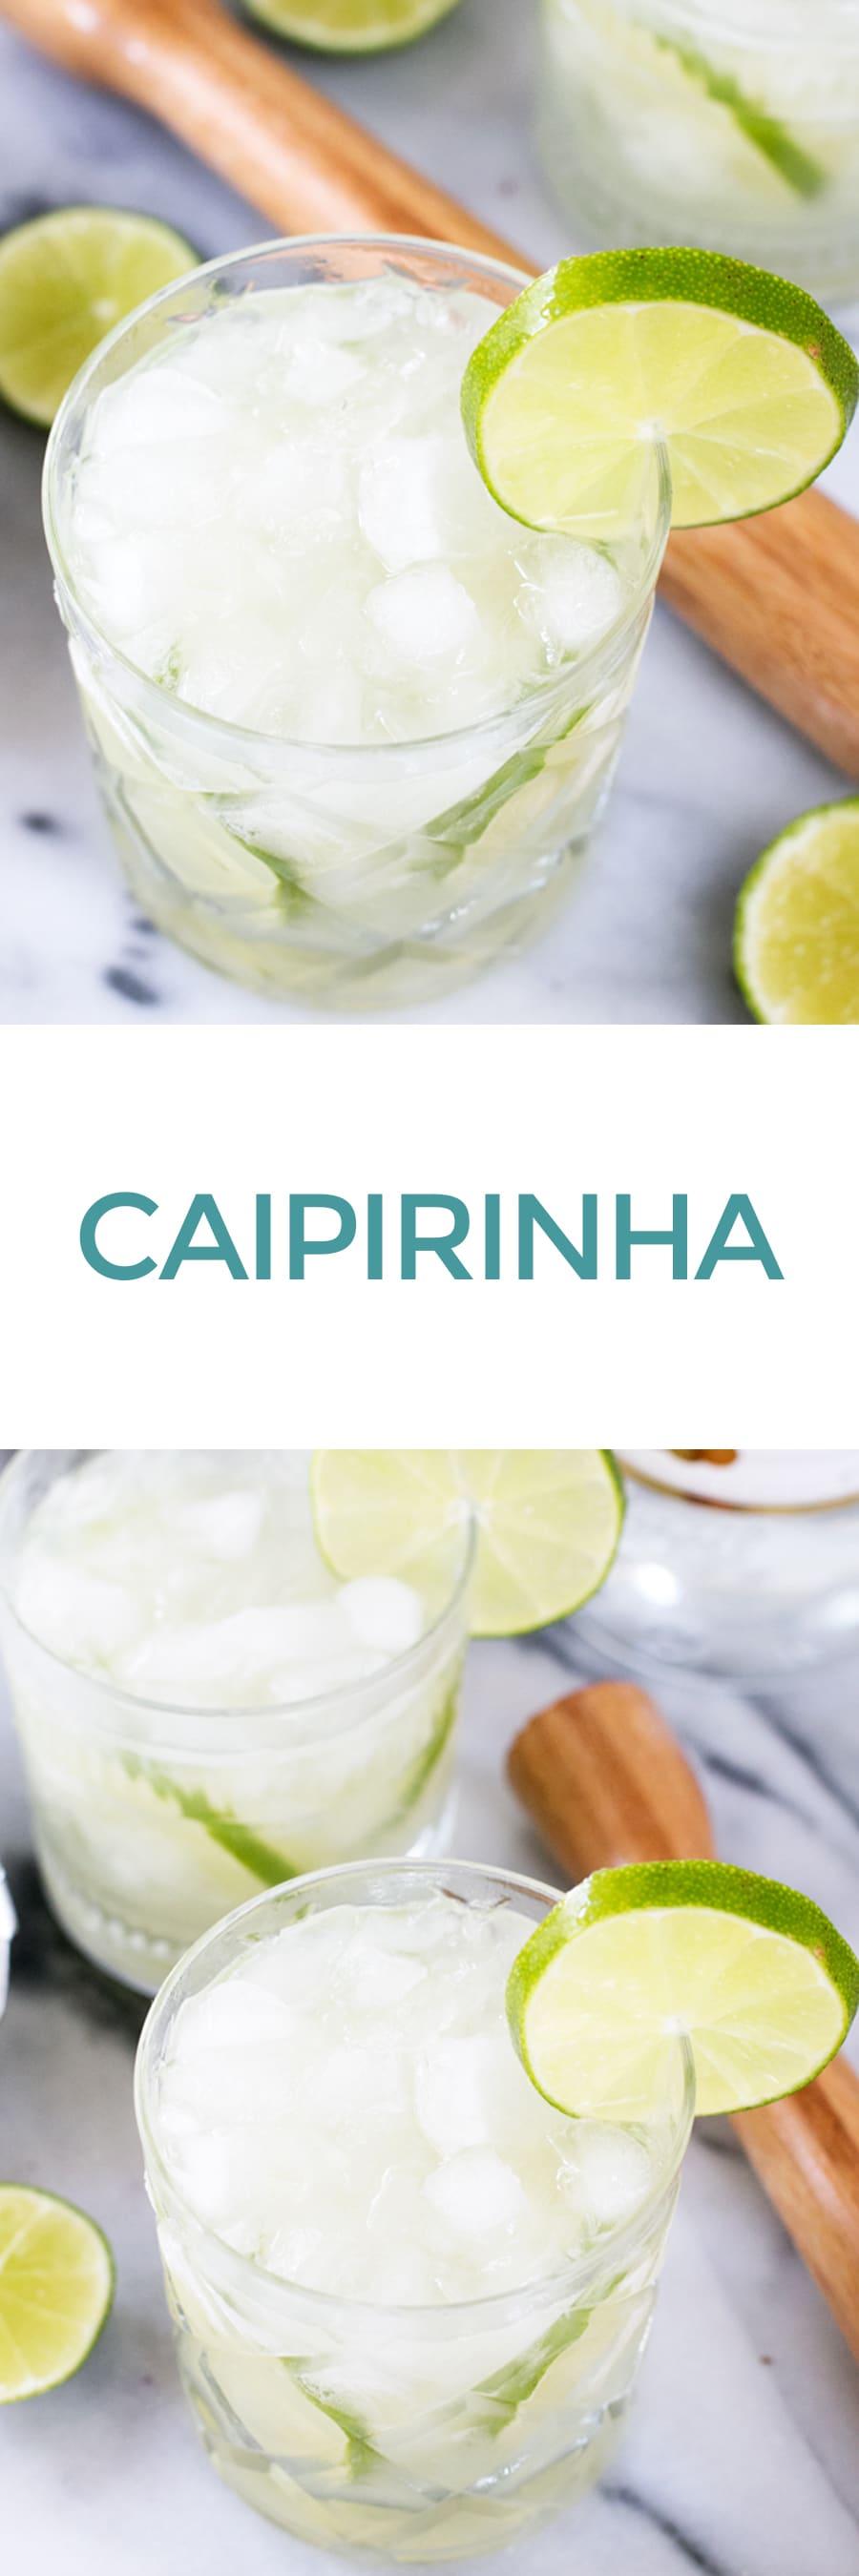 Caipirinha Cake N Knife